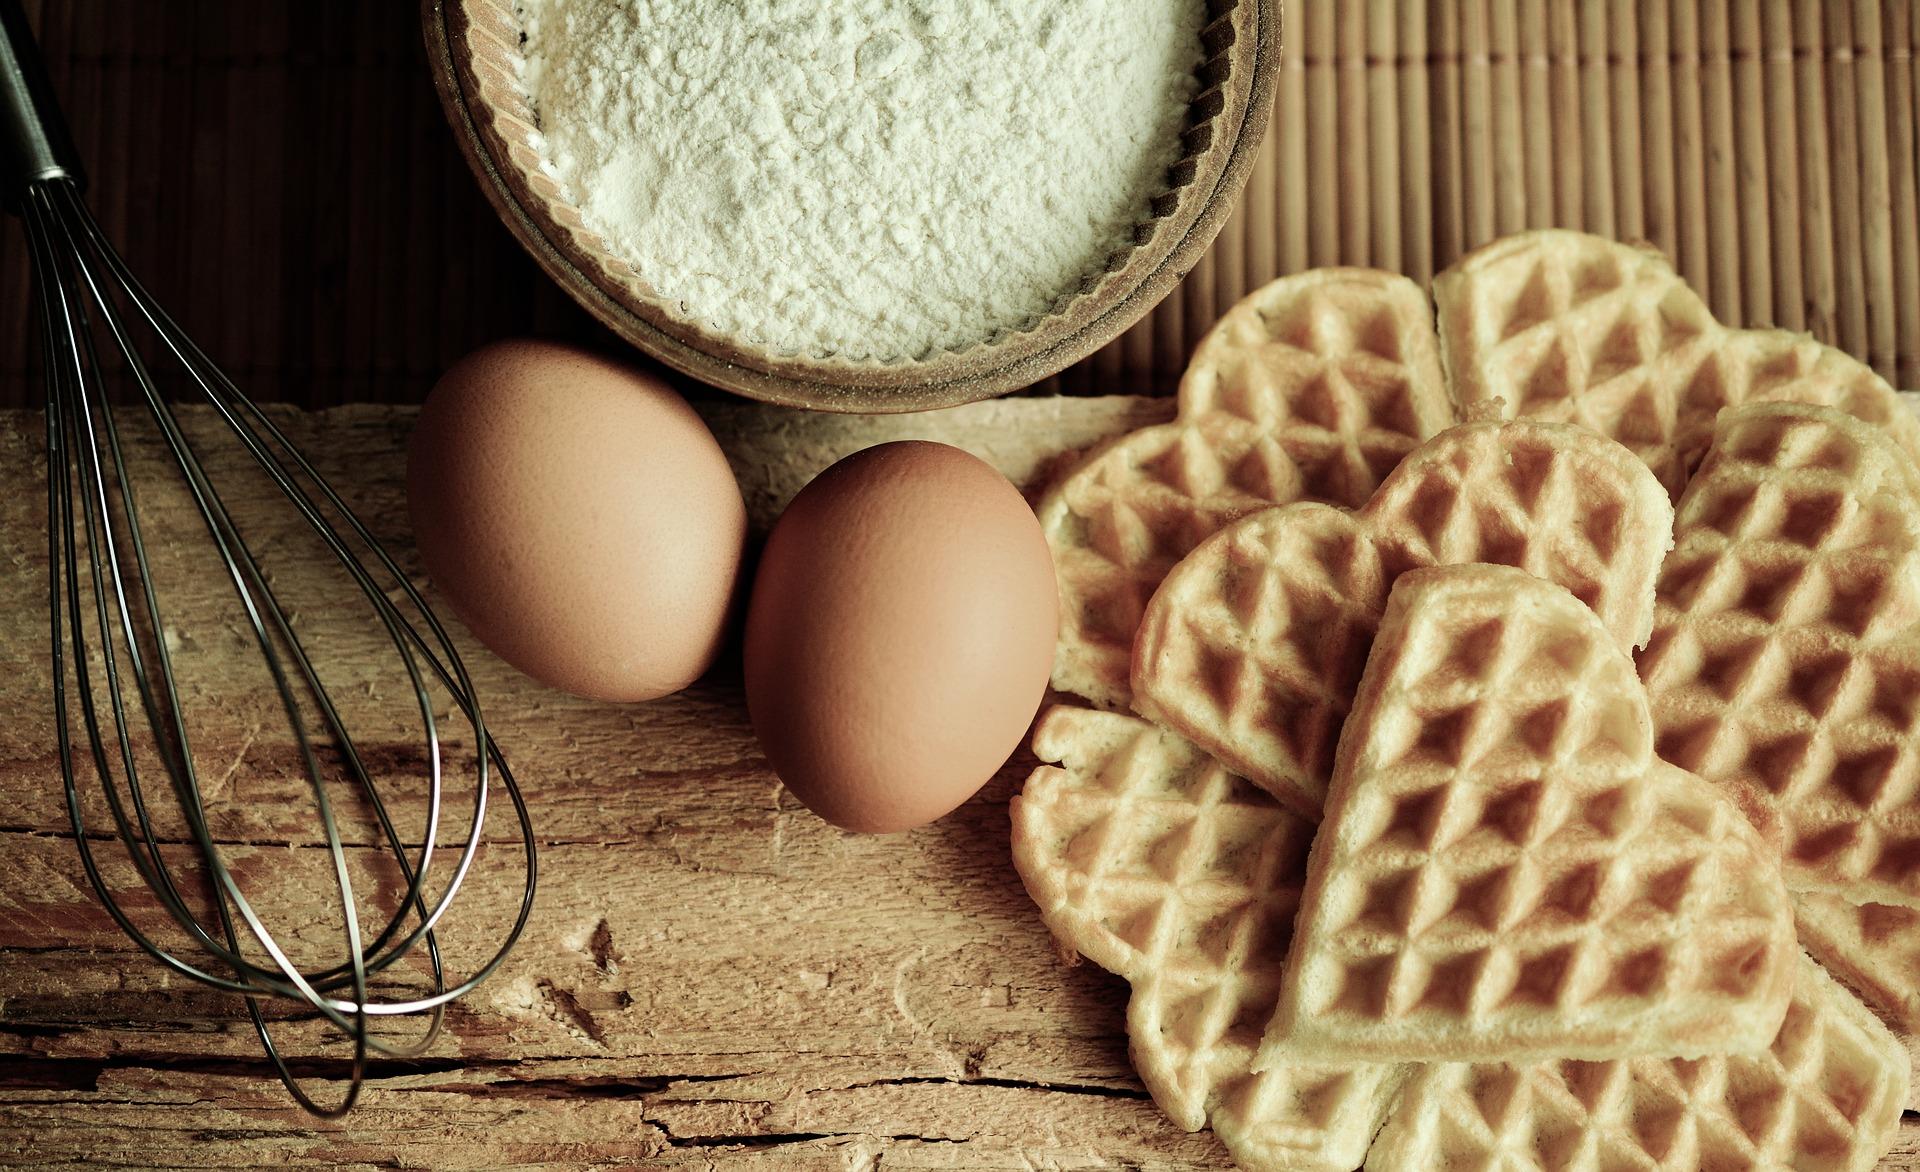 Herzwaffeleisen Waffel Automat Waffle Bäcker 5 Herzwaffeln Antihaftbeschichtung 640W silber*18563 Bild 2